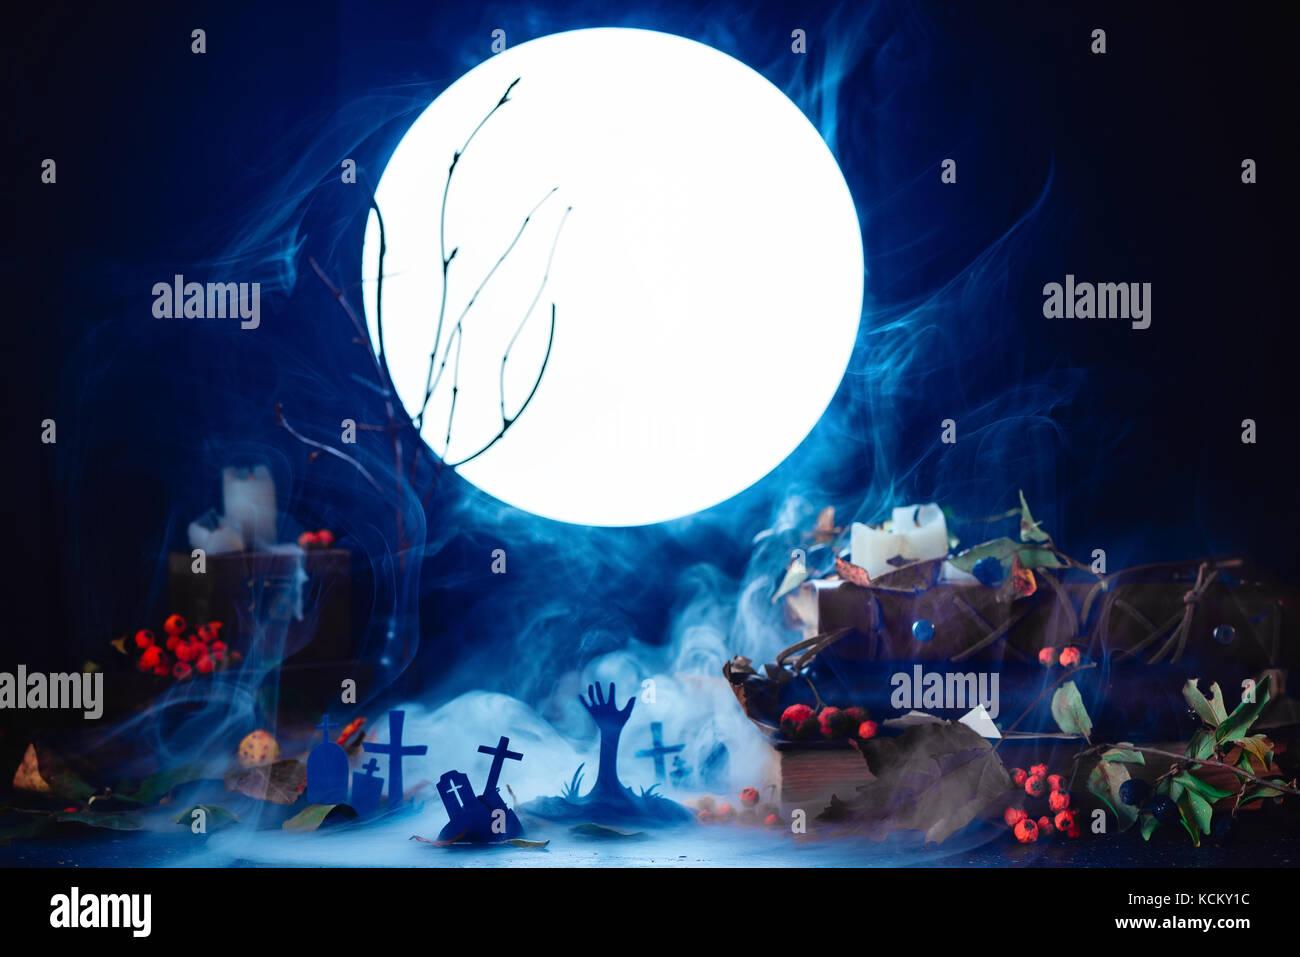 Cementerio con aumento de zombies siluetas en la luz de la luna llena. halloween conceptual bodegón con humo, Imagen De Stock